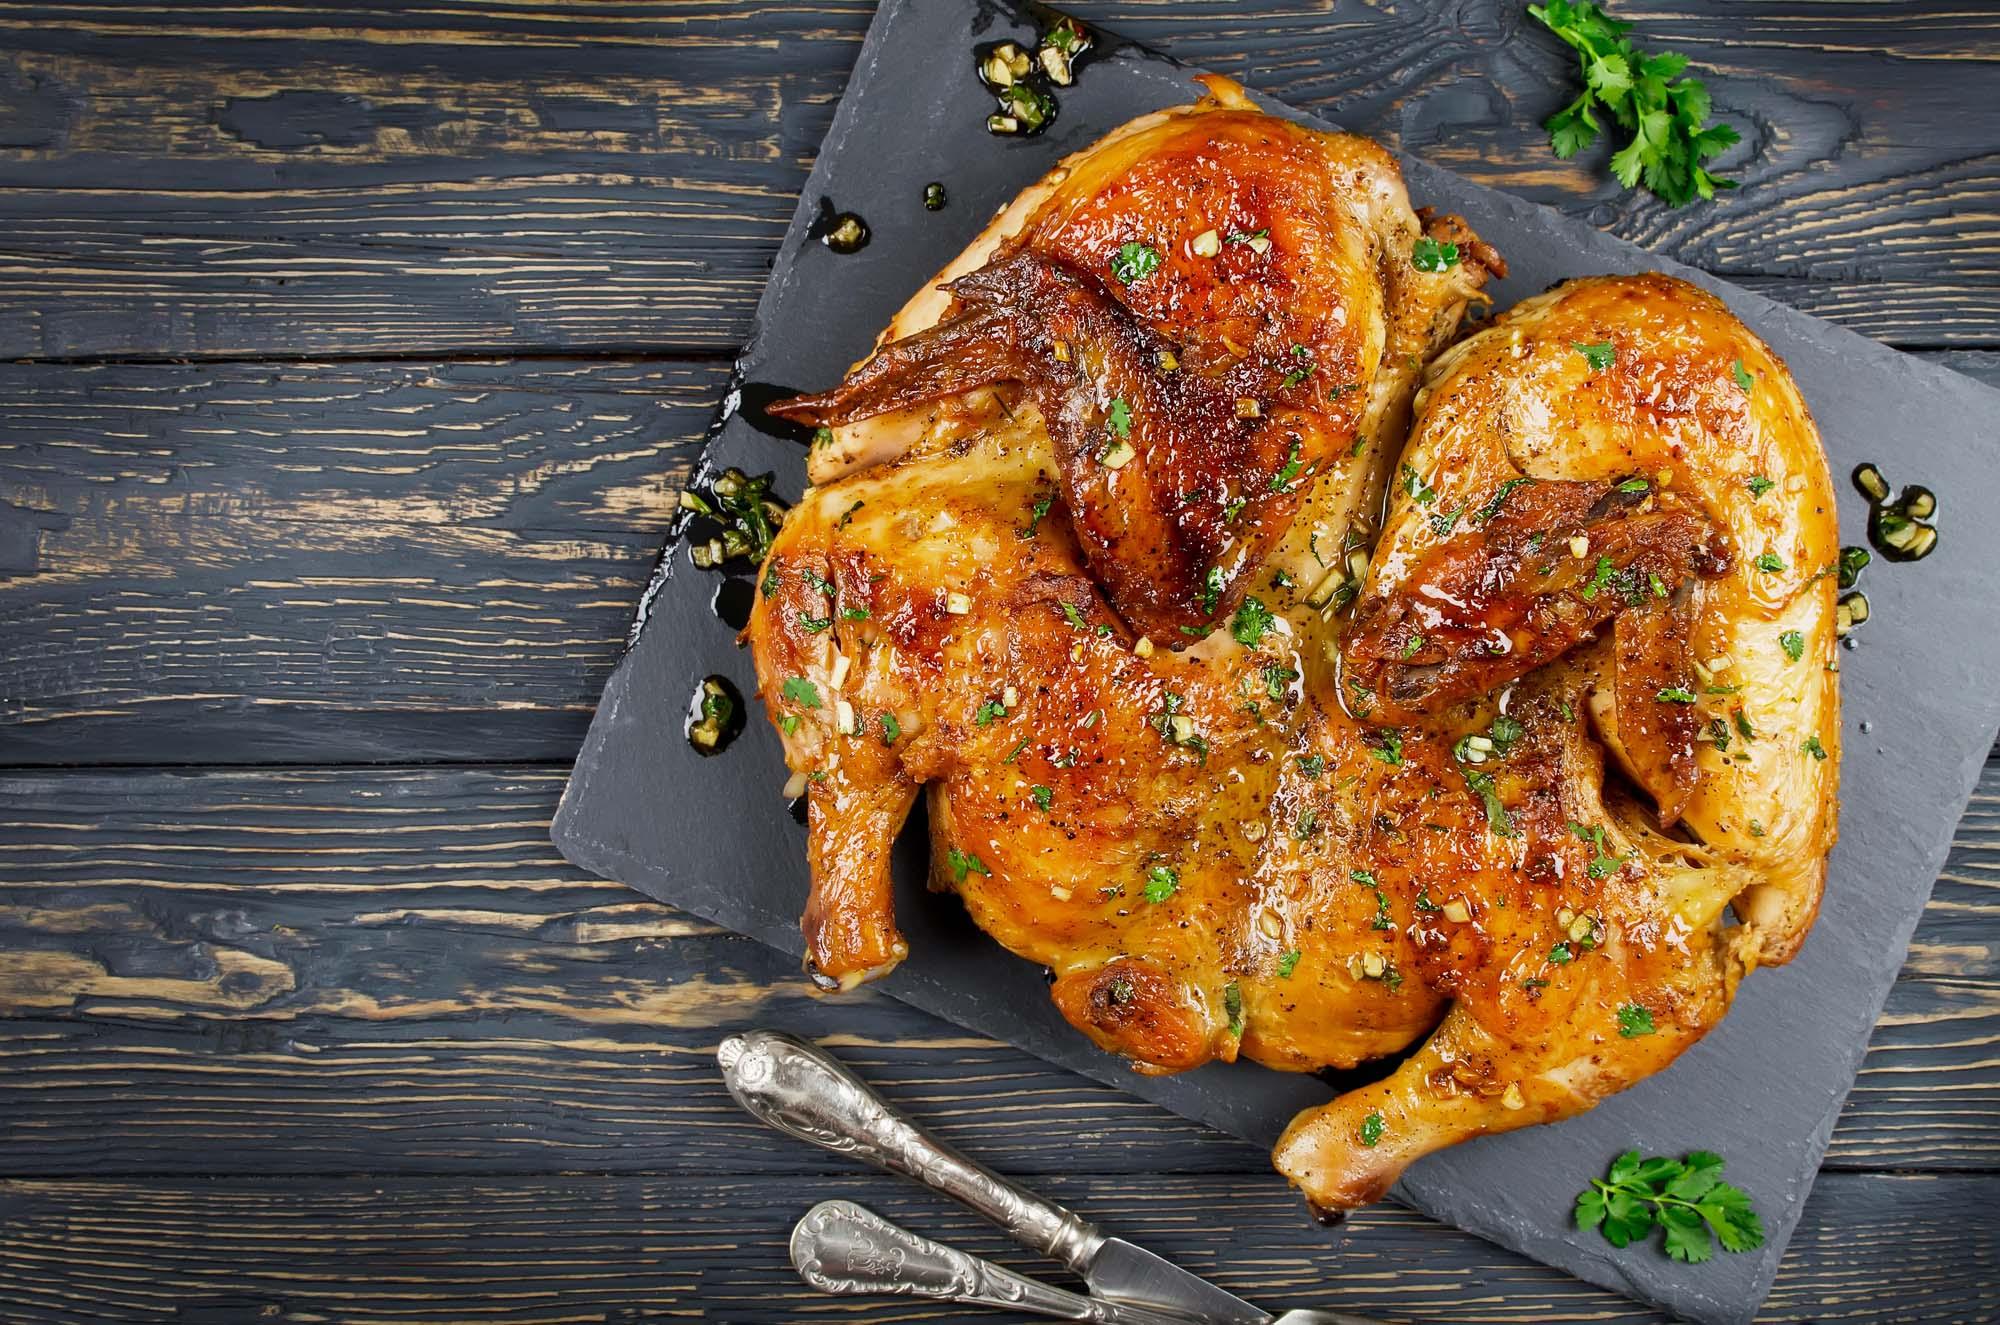 Grillet kylling marineret i hvidløg chili og citronsaft